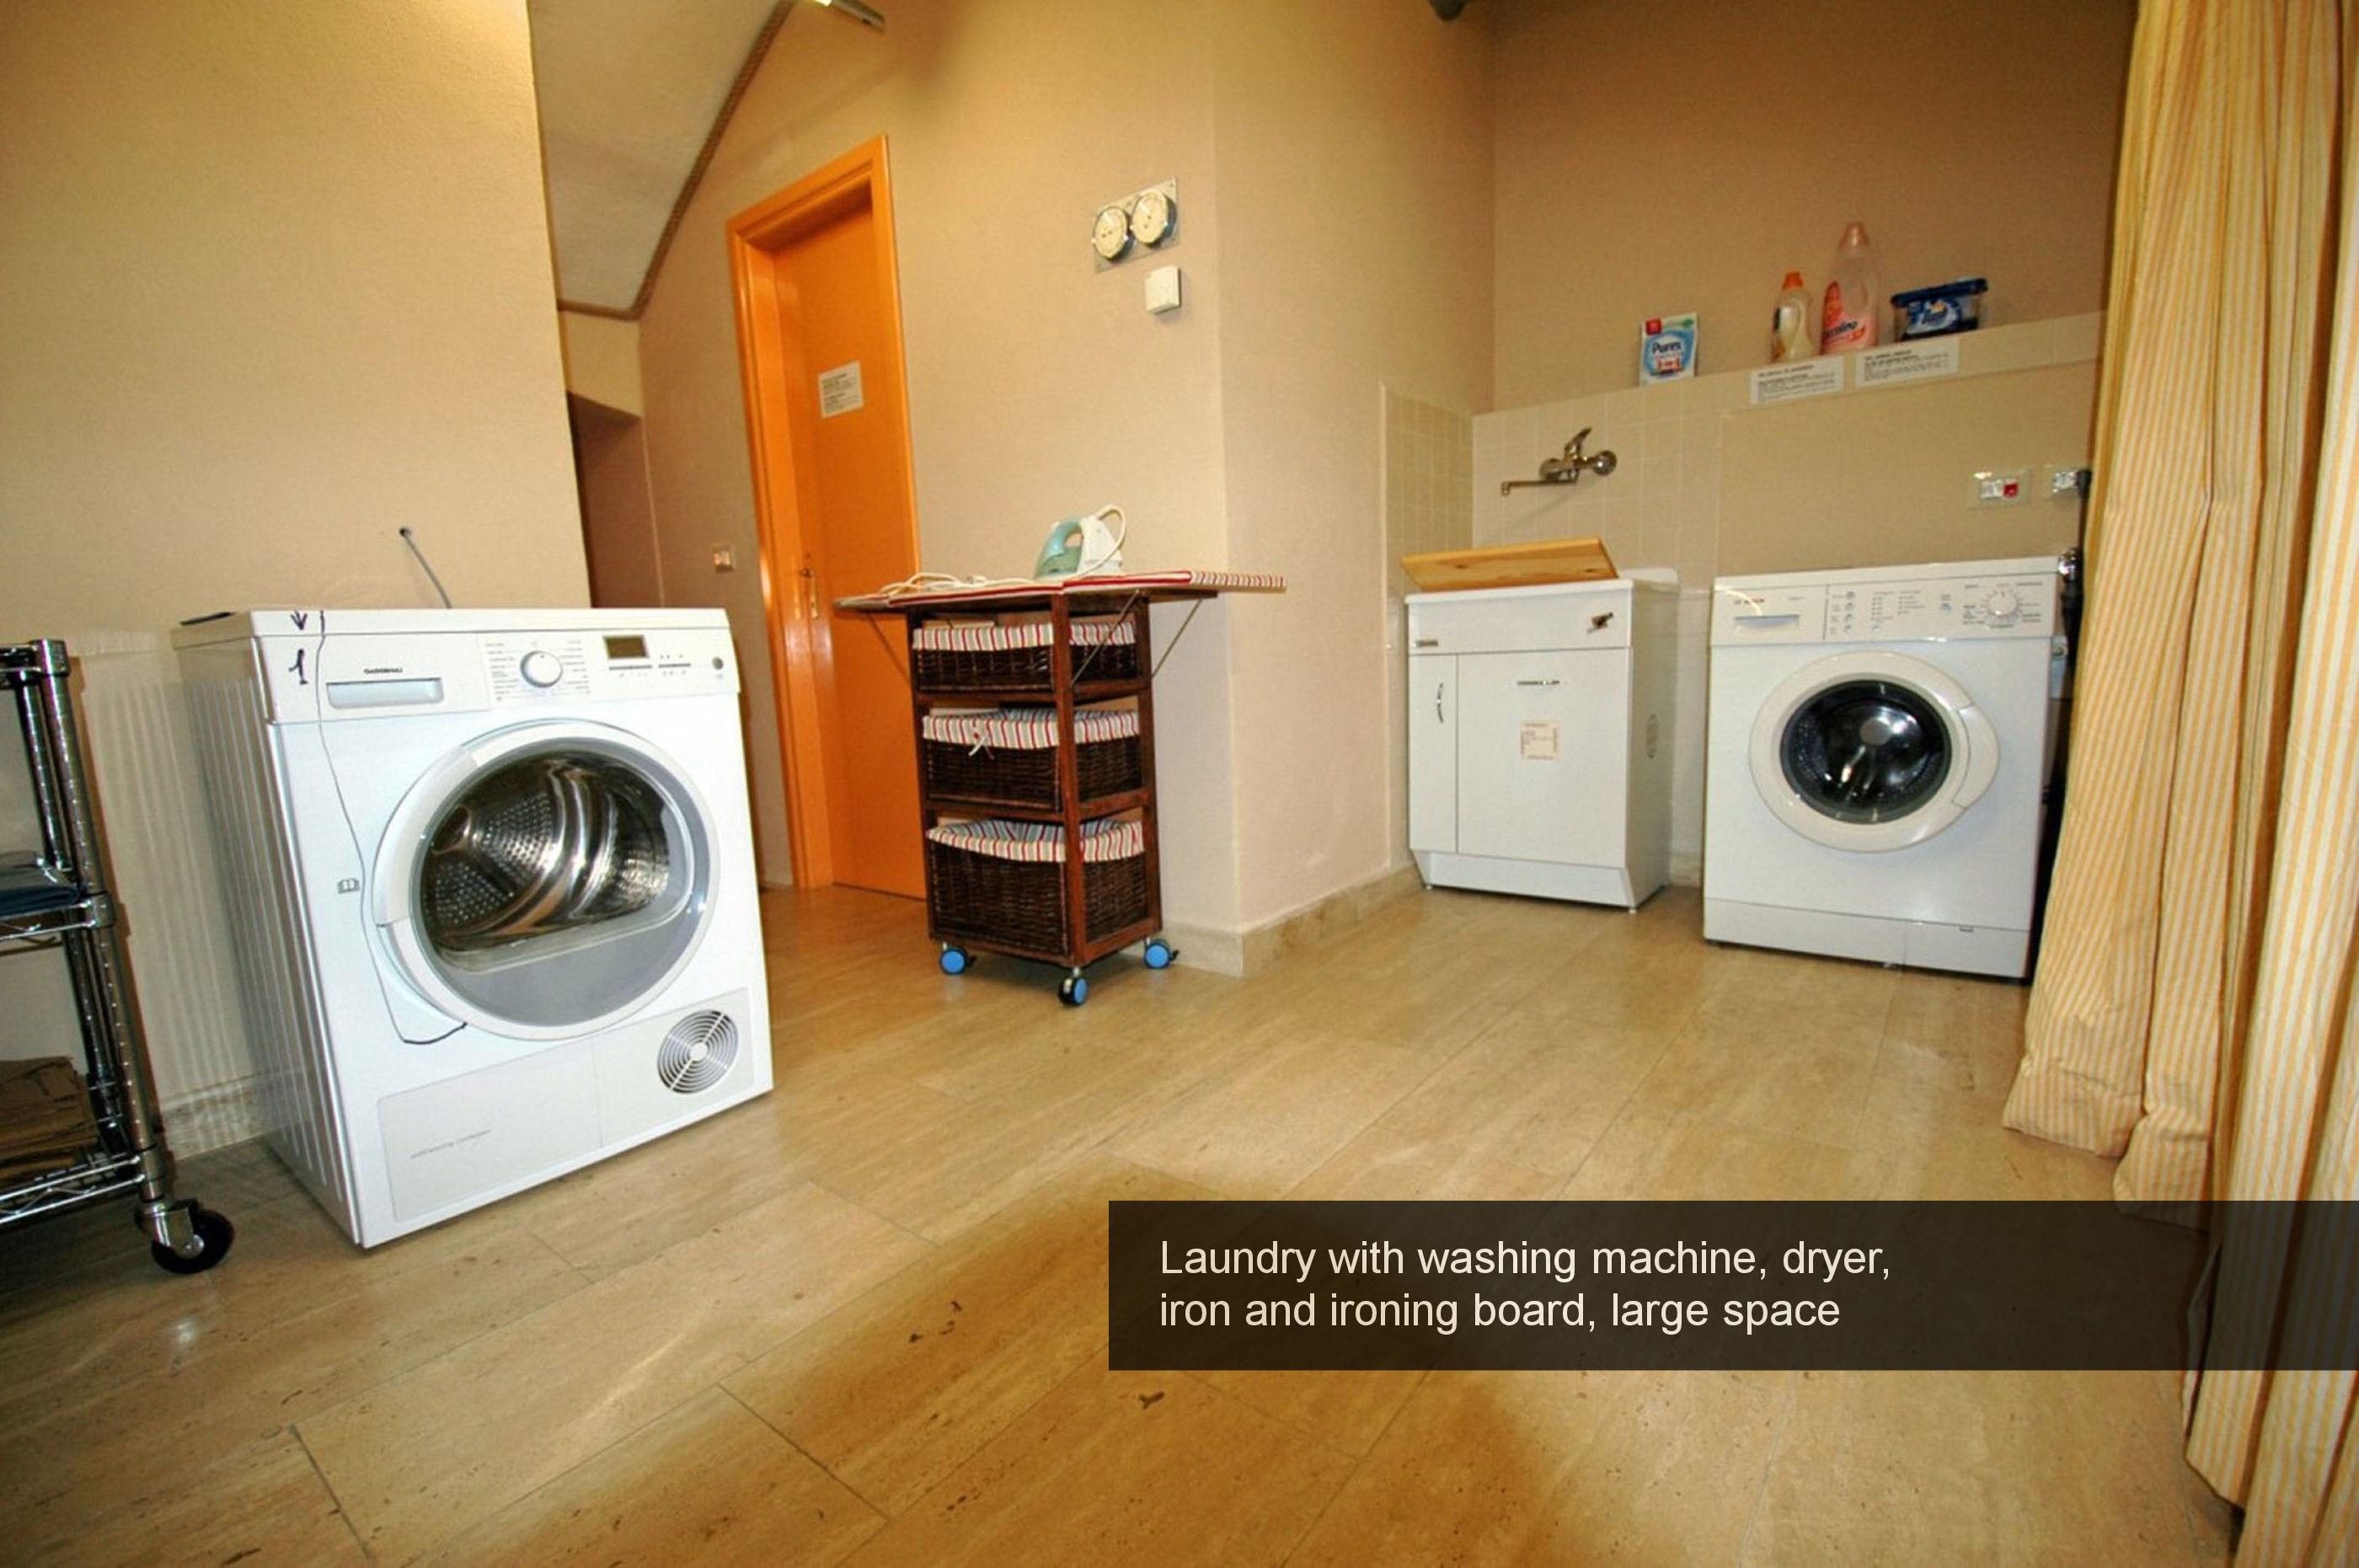 20) Laundry, washing machine, dryer, iron and ironing board, large space...